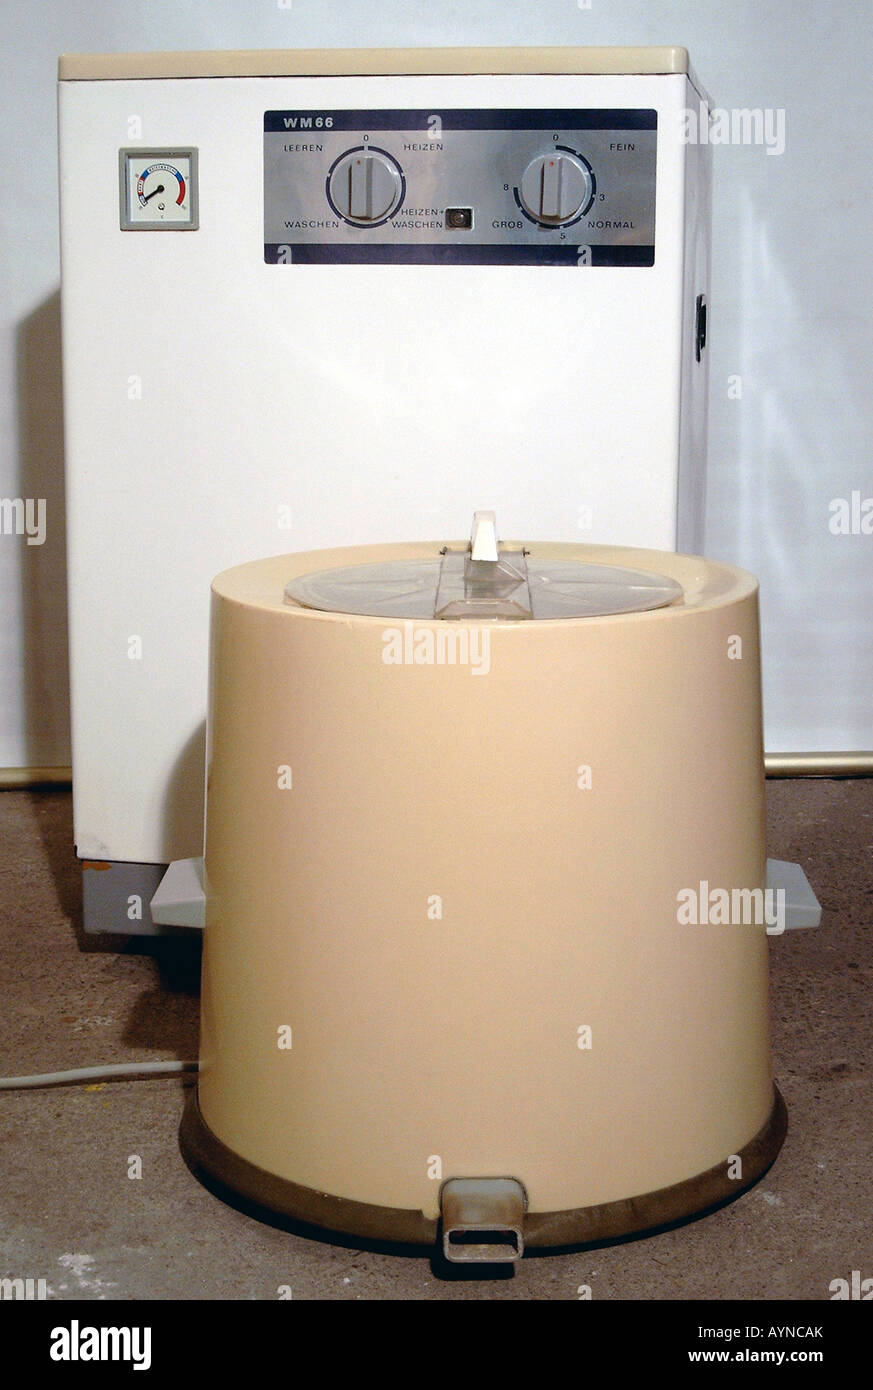 haushalt haushaltsger te kleine waschmaschine wm 66 und trocken schleudern trockner ts 66. Black Bedroom Furniture Sets. Home Design Ideas